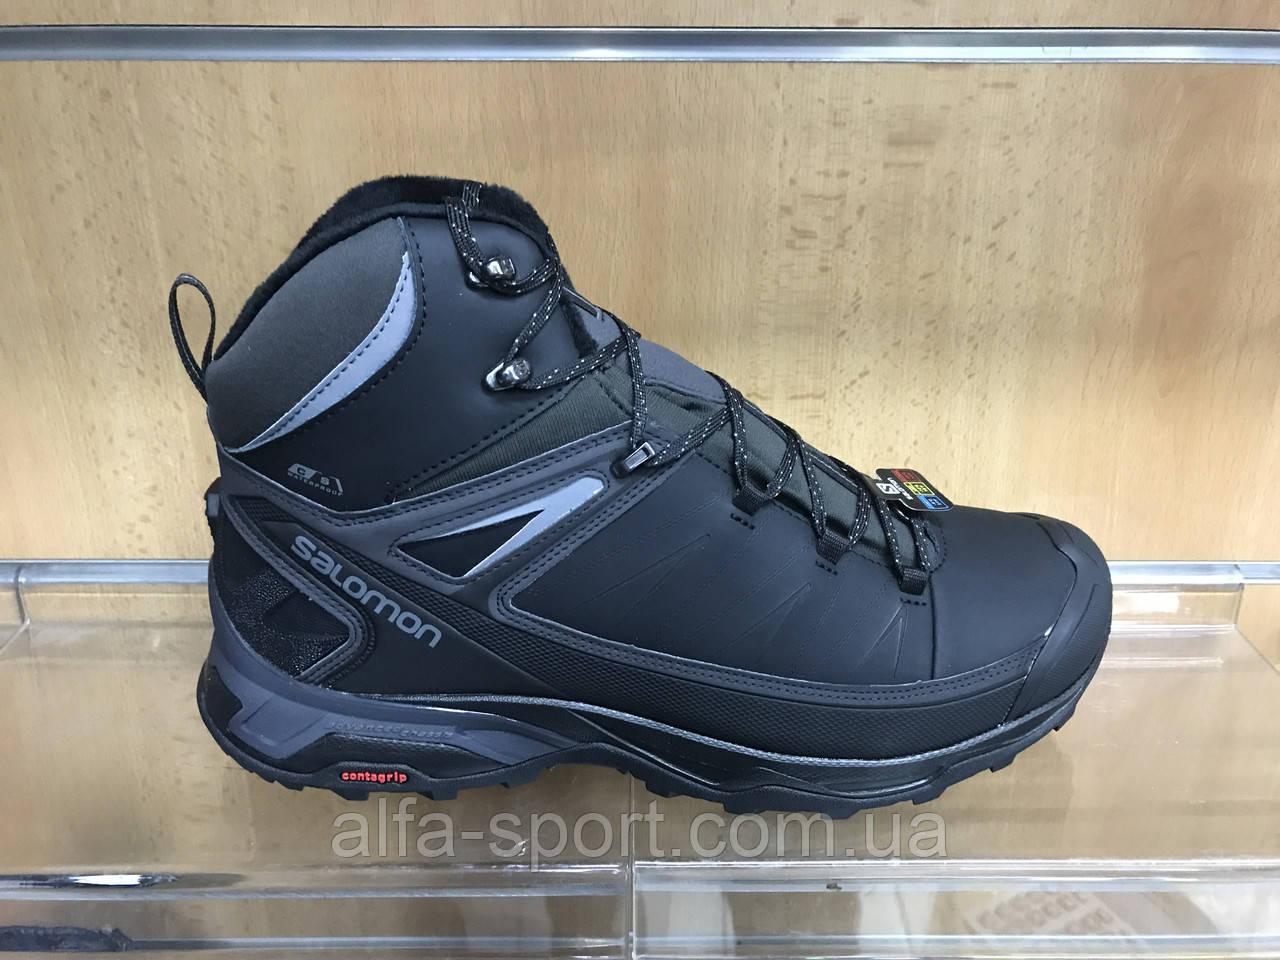 separation shoes 935e2 a85b0 Ботинки Salomon X Ultra Mid Winter CS WP (404795) : продажа, цена в  Харькове. ботинки мужские от